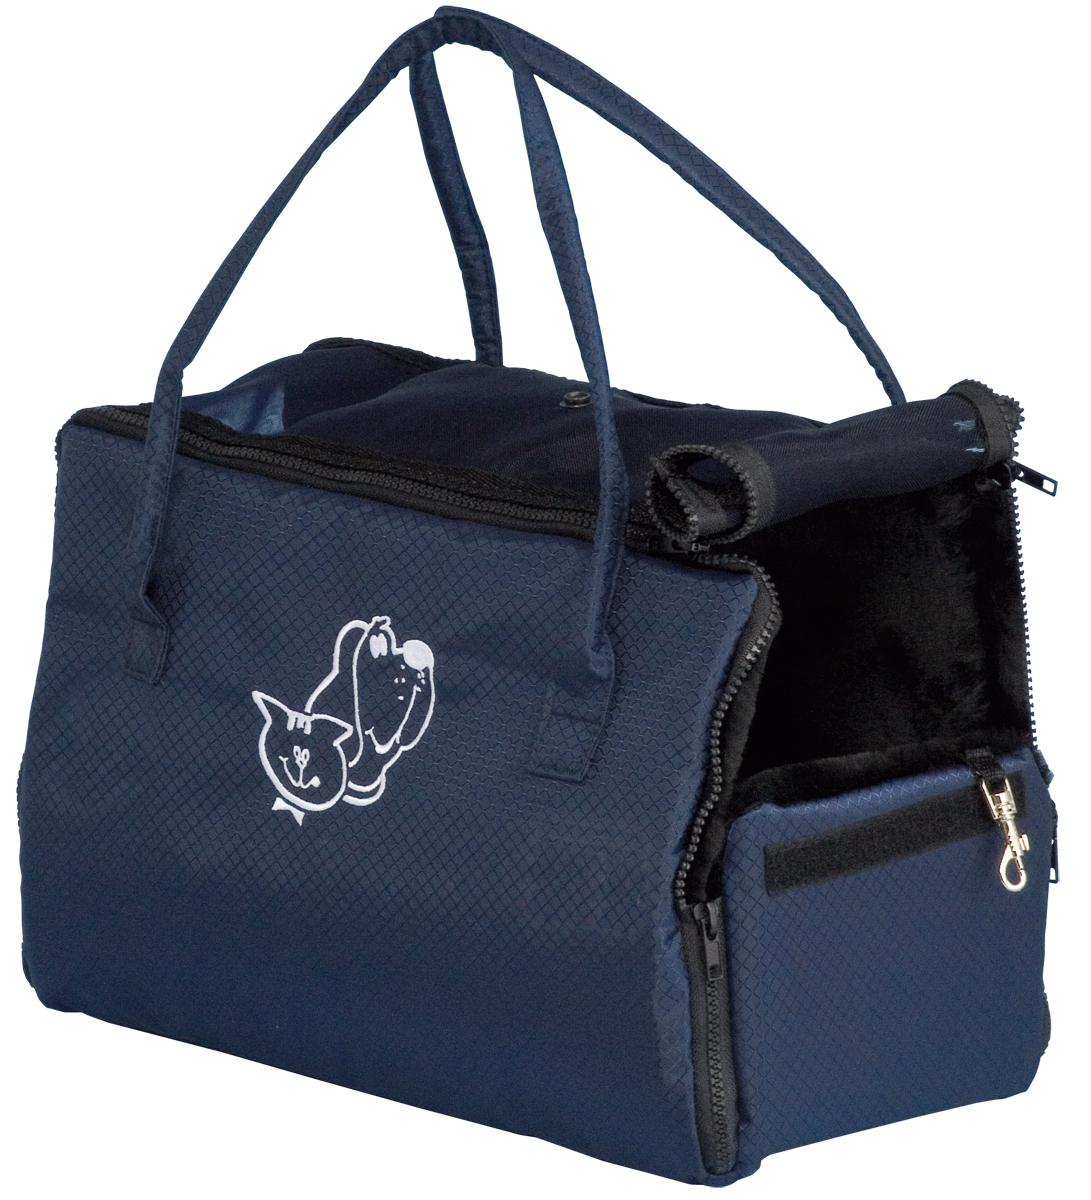 Сумка-переноска для животных Зооник, цвет: синий, 38 х 18 х 31 см2276Сумка-переноска Зооник с аппликацией собака и кошка изготовлена из высококачественной ткани ПВХ темно-синего цвета в мелкую клетку. Ткань водонепроницаема, легко поддается чистке. Сумка предназначена как для кошек, так и для собак мелких пород. Внутри сумка отделана искусственным мехом черного цвета. С одной стороны окошко с сеткой и с клапанами на кнопках. Внутри вшит поводок для крепления ошейника.Прикольные переноски, которые наверняка понравятся питомцу. Статья OZON Гид